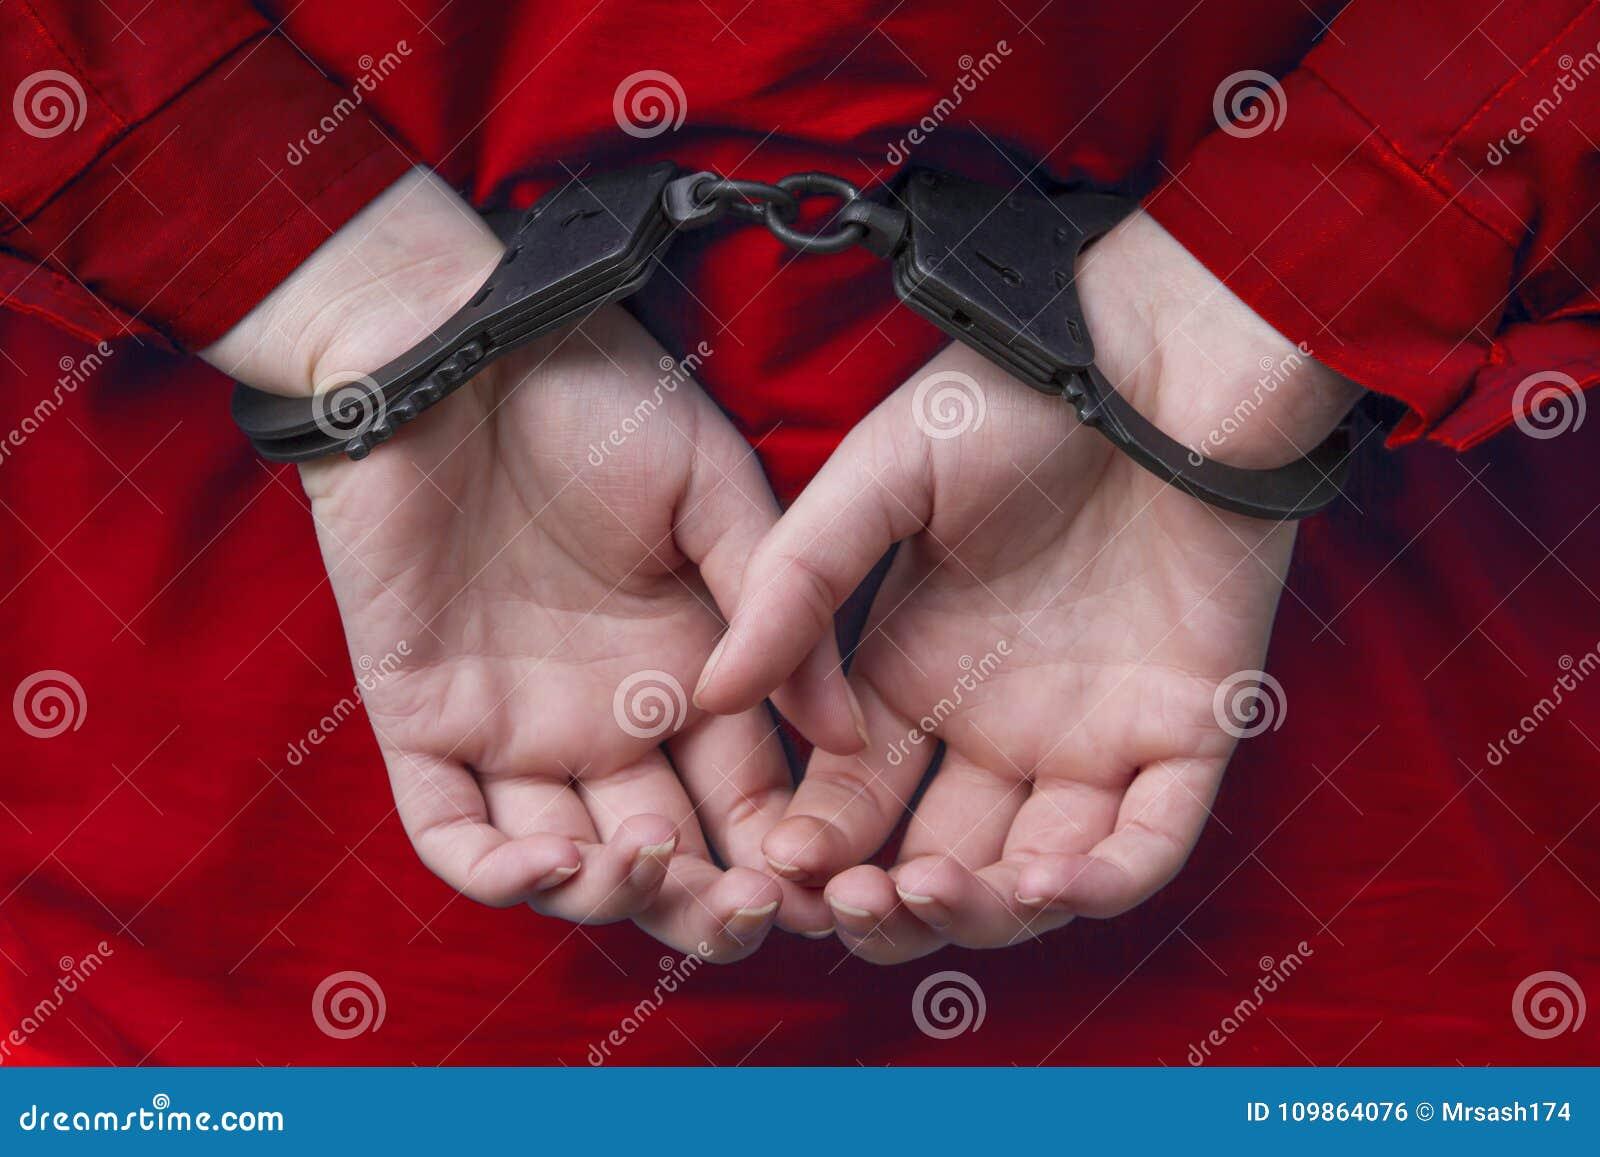 Handen van het meisje in handcuffs Rode kleren